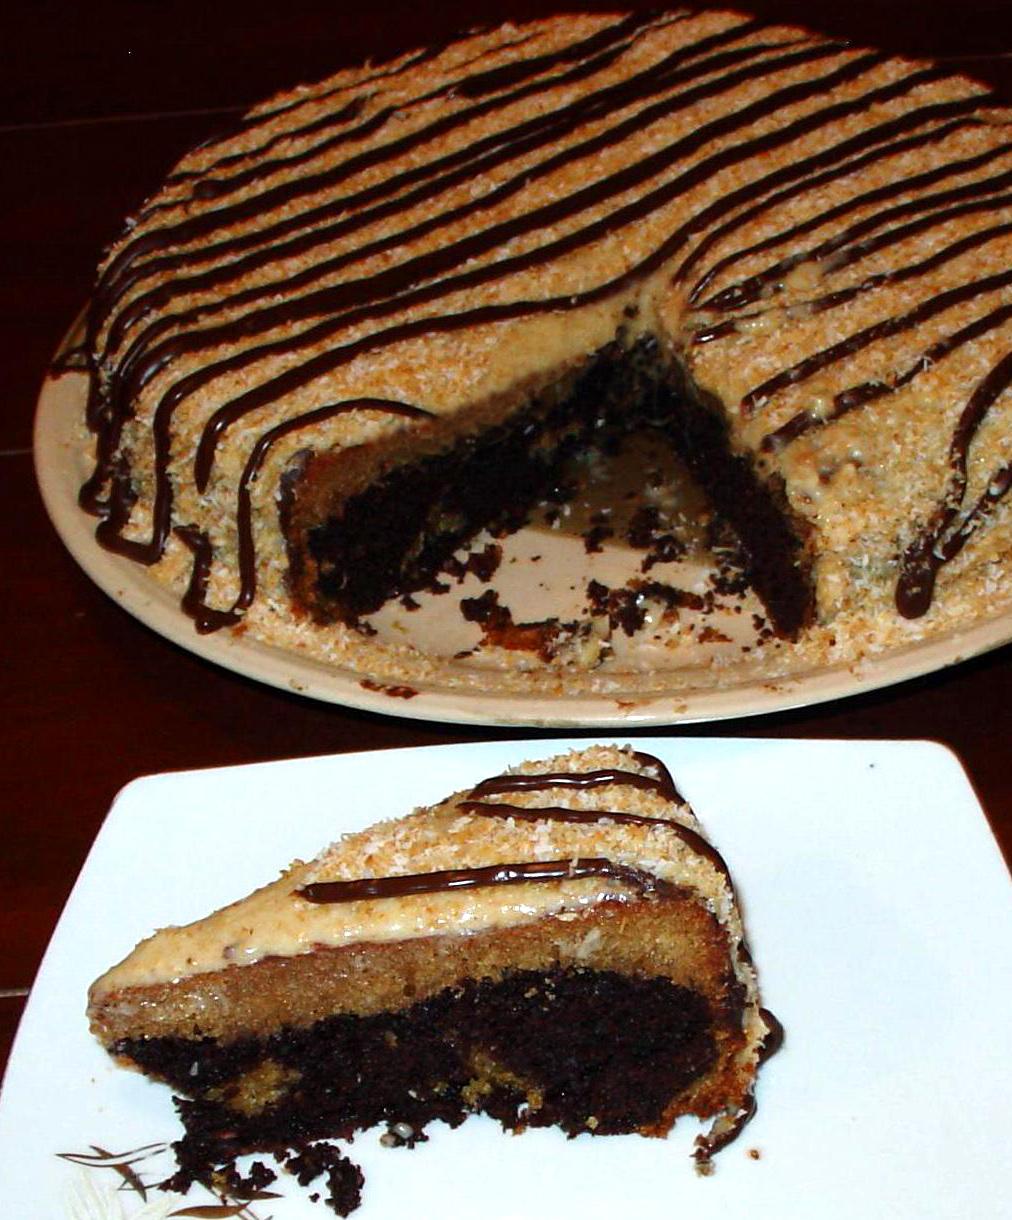 5-Tort cu dulce de leche